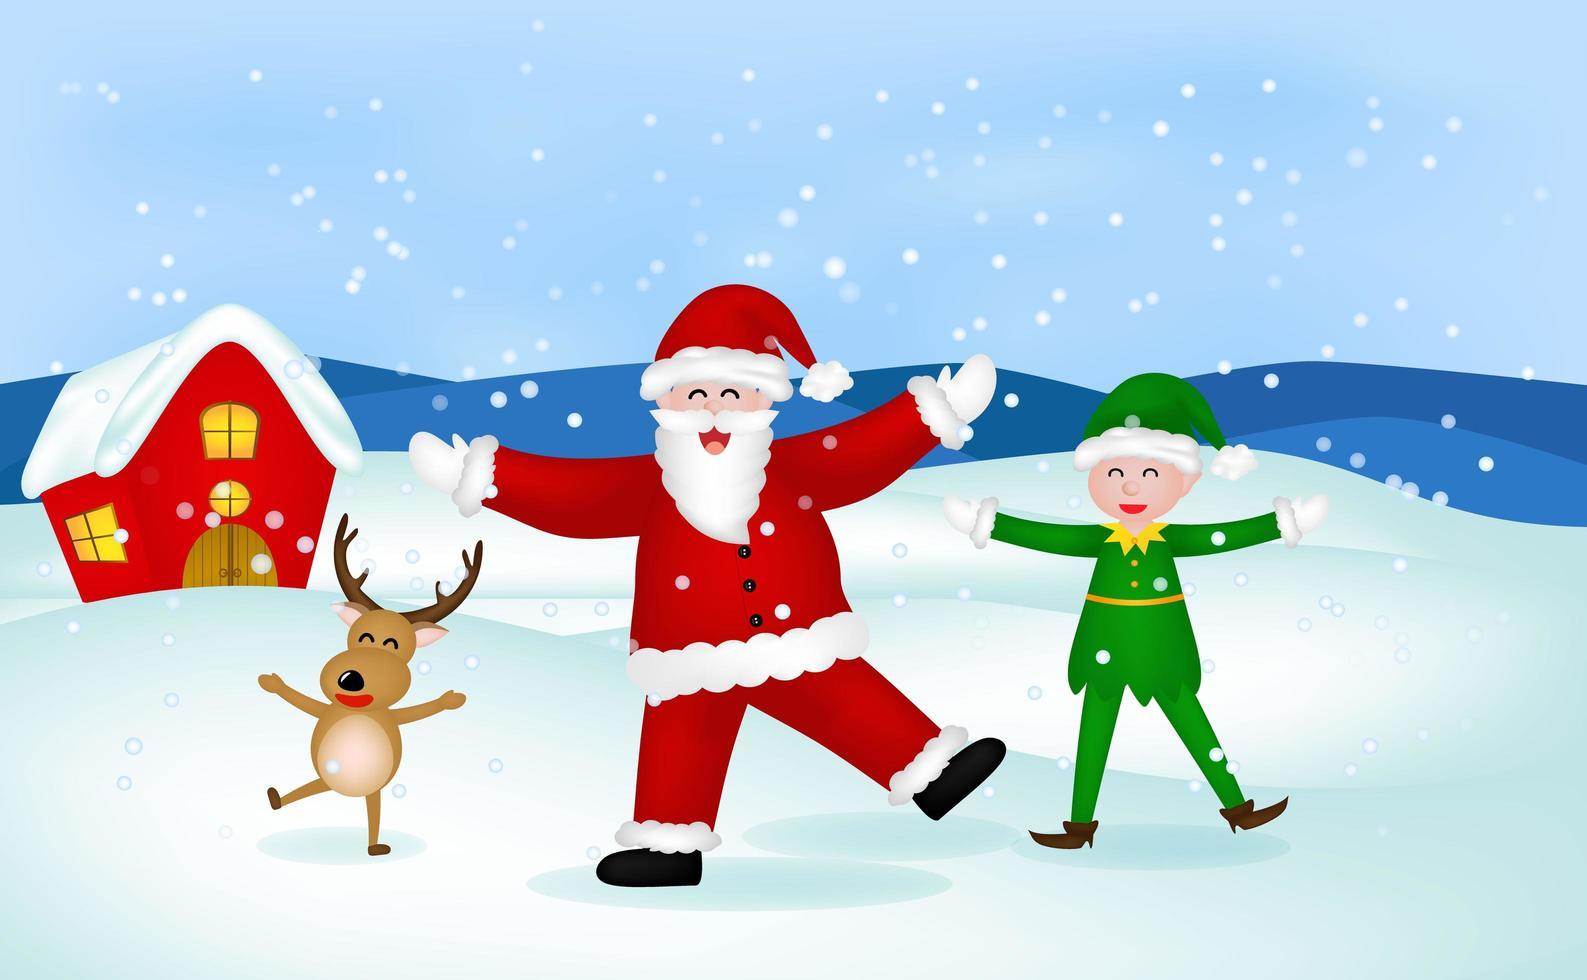 père noël, renne et elfe dans la scène de neige de noël vecteur